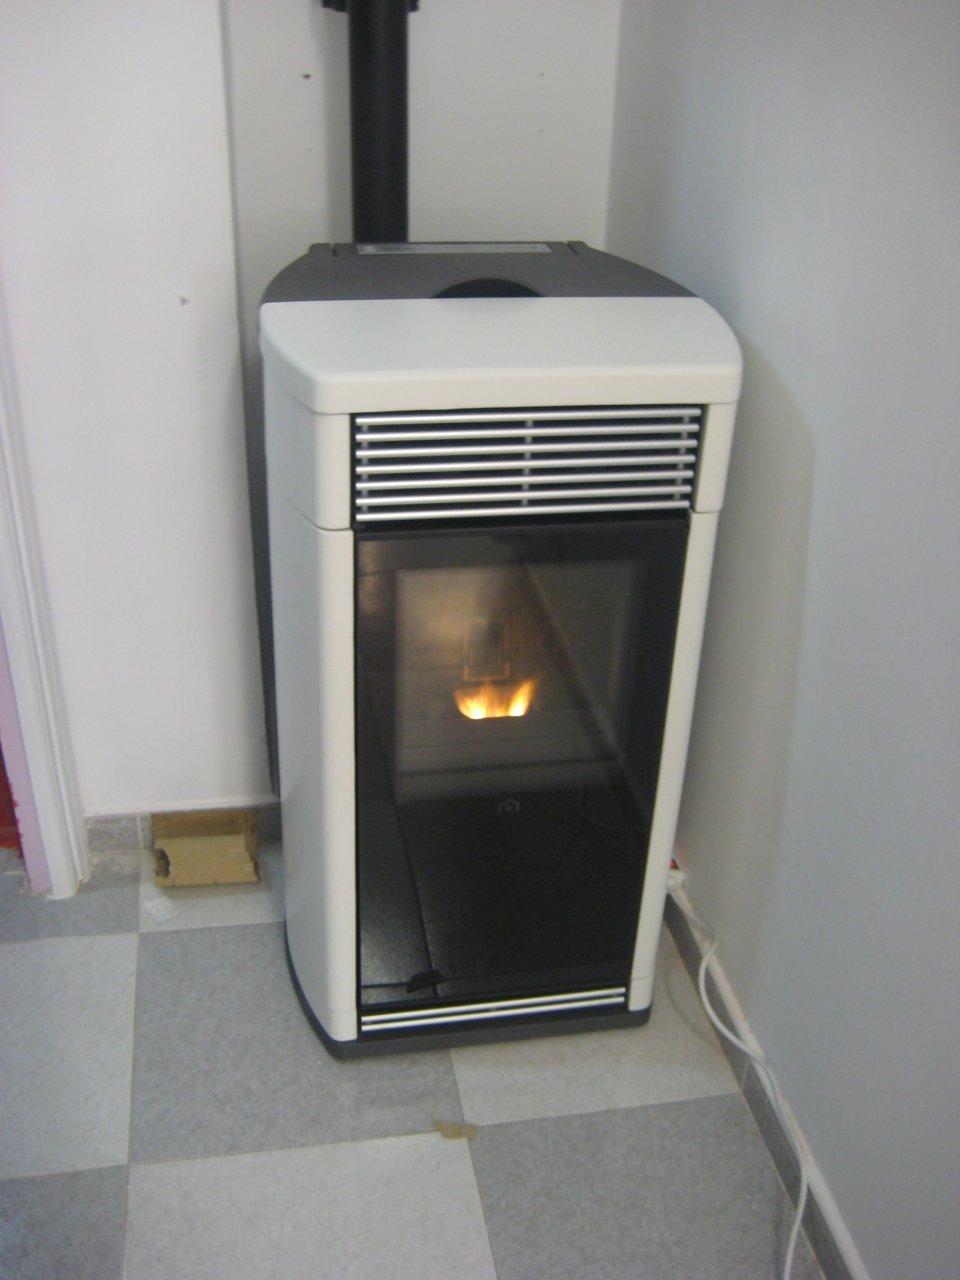 Casas cocinas mueble instalacion de estufas de pellets - Instalar estufa pellets piso ...